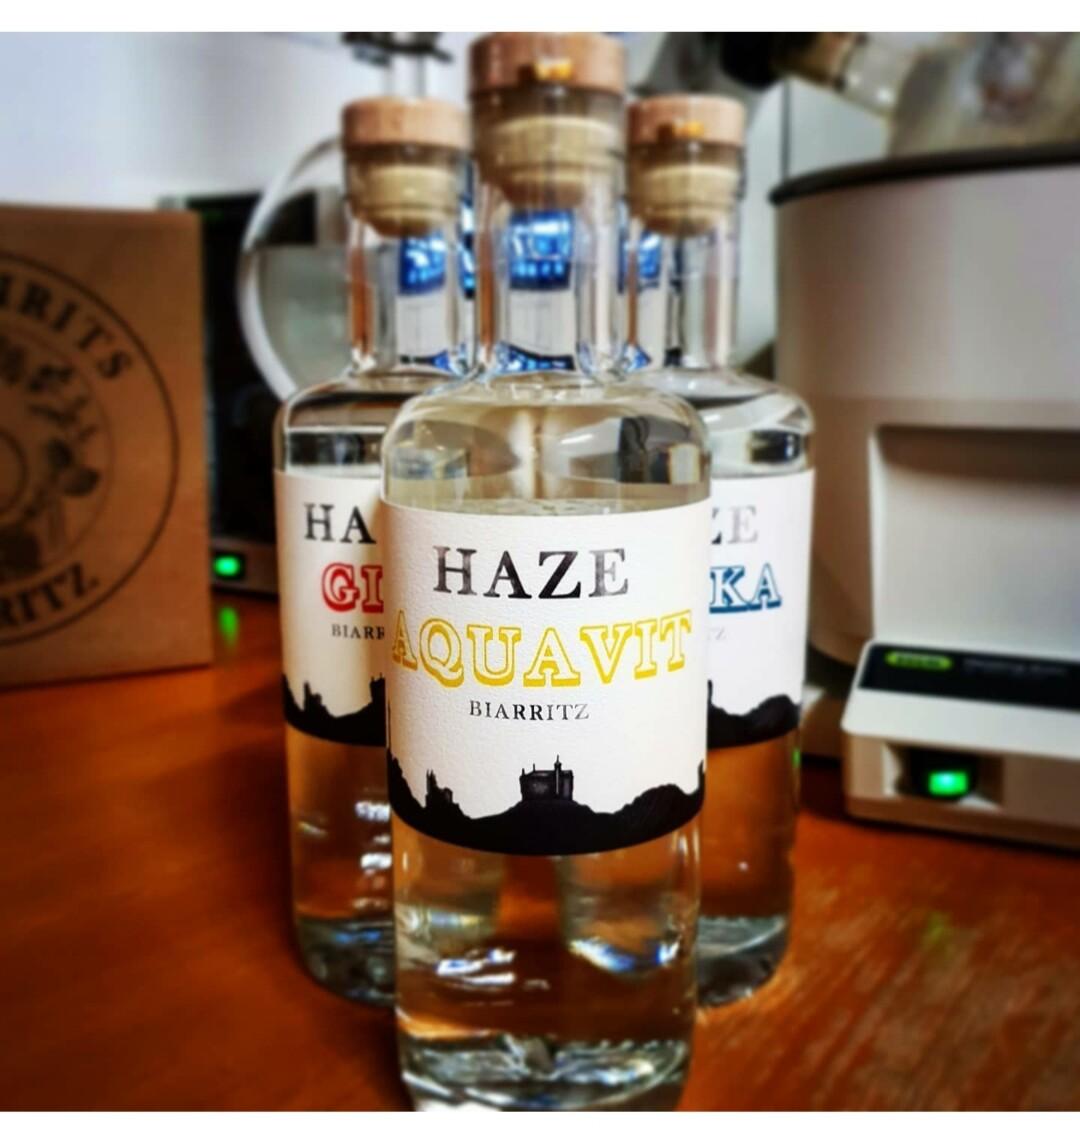 Haze Aquavit